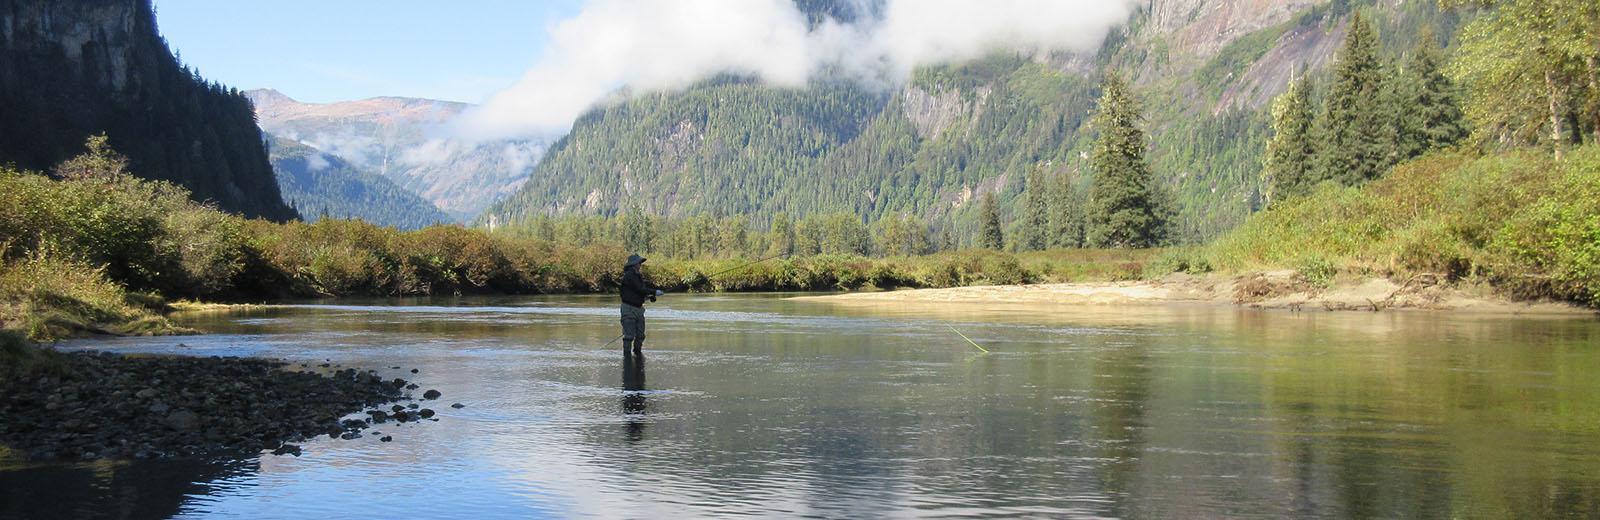 Kalum river lodge 34